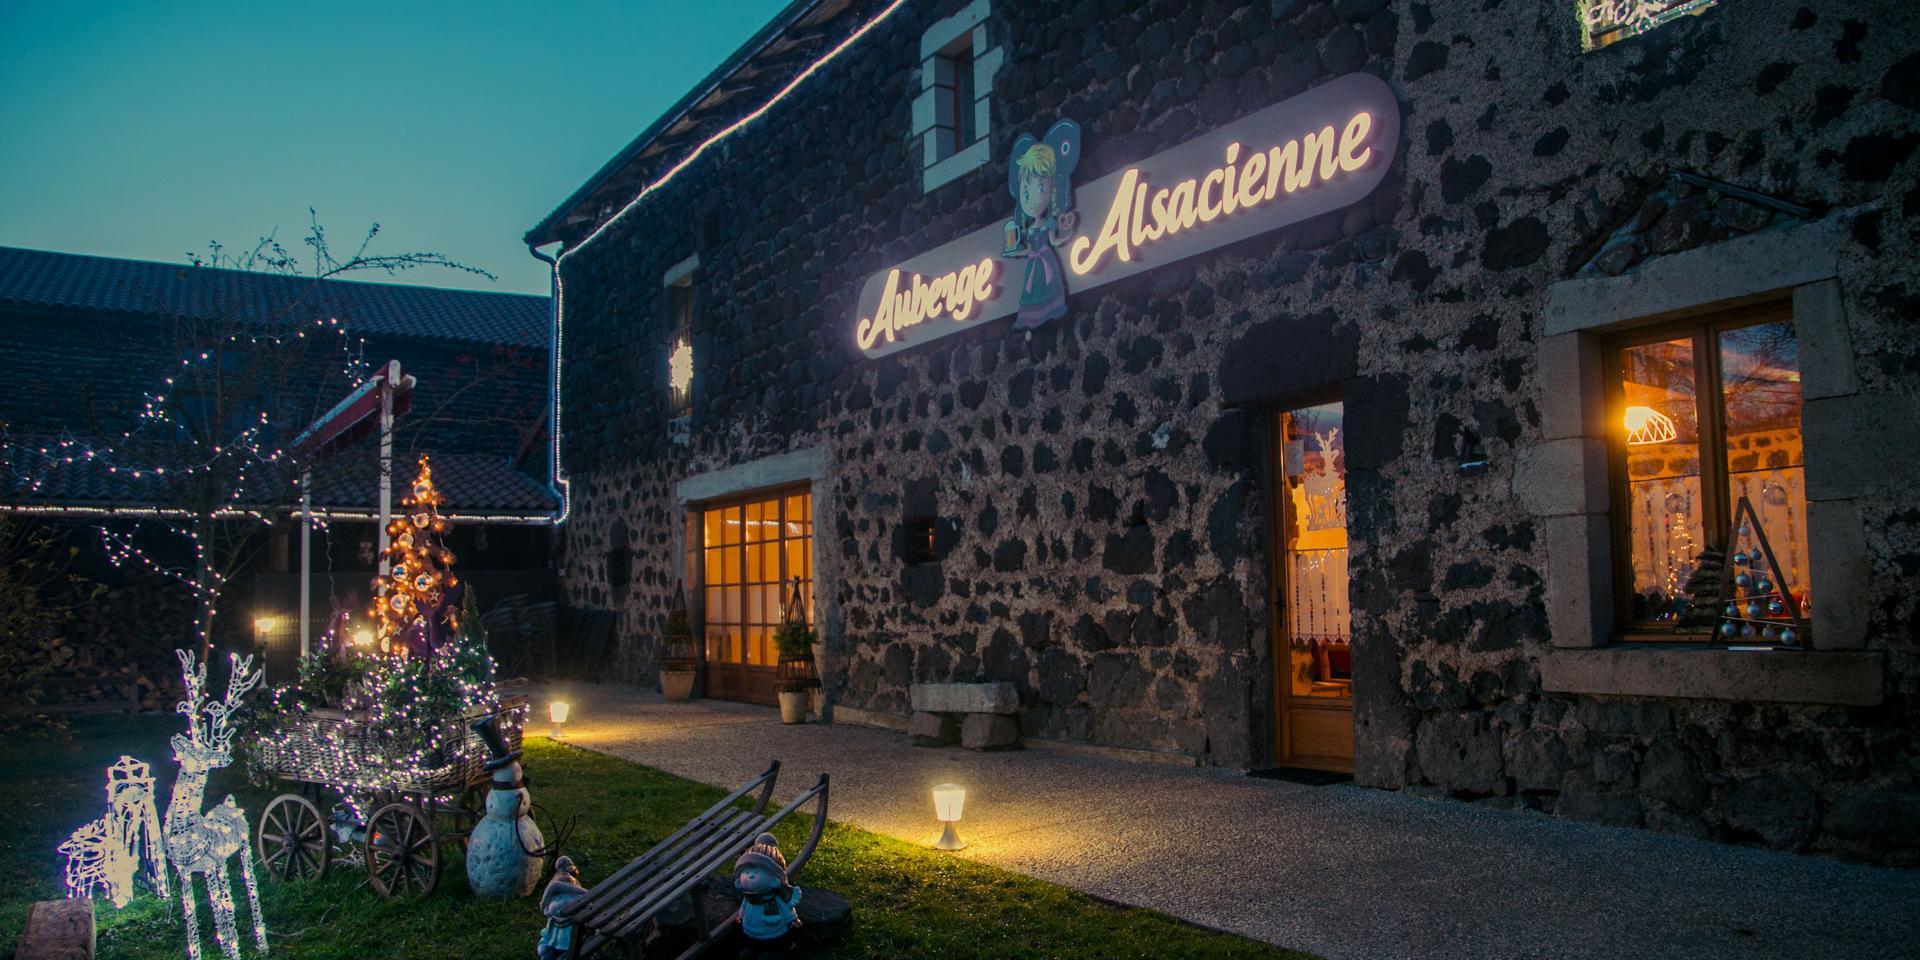 Auberge Alsacienne Auvergne